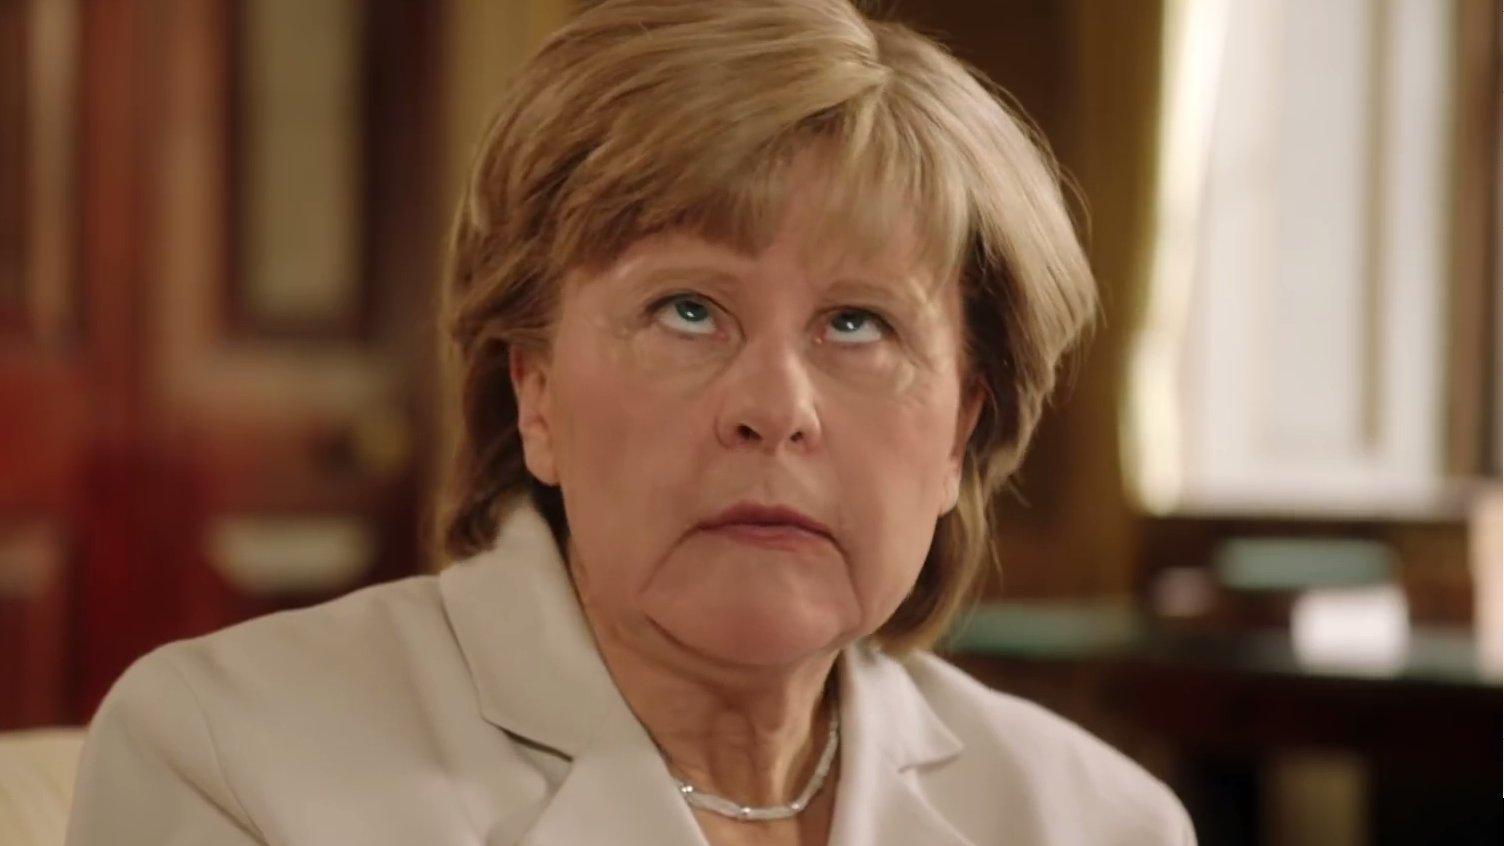 So lustig parodieren die Briten unsere Bundeskanzlerin Merkel